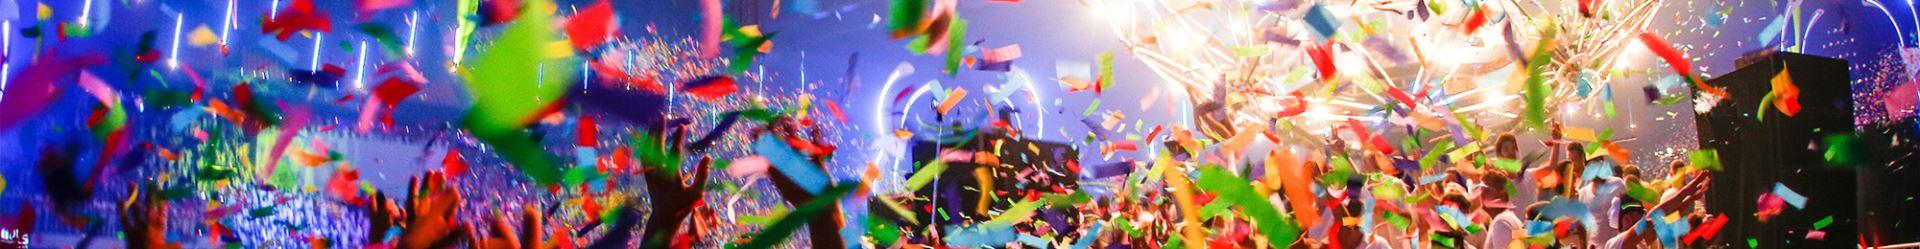 consumables-confetti